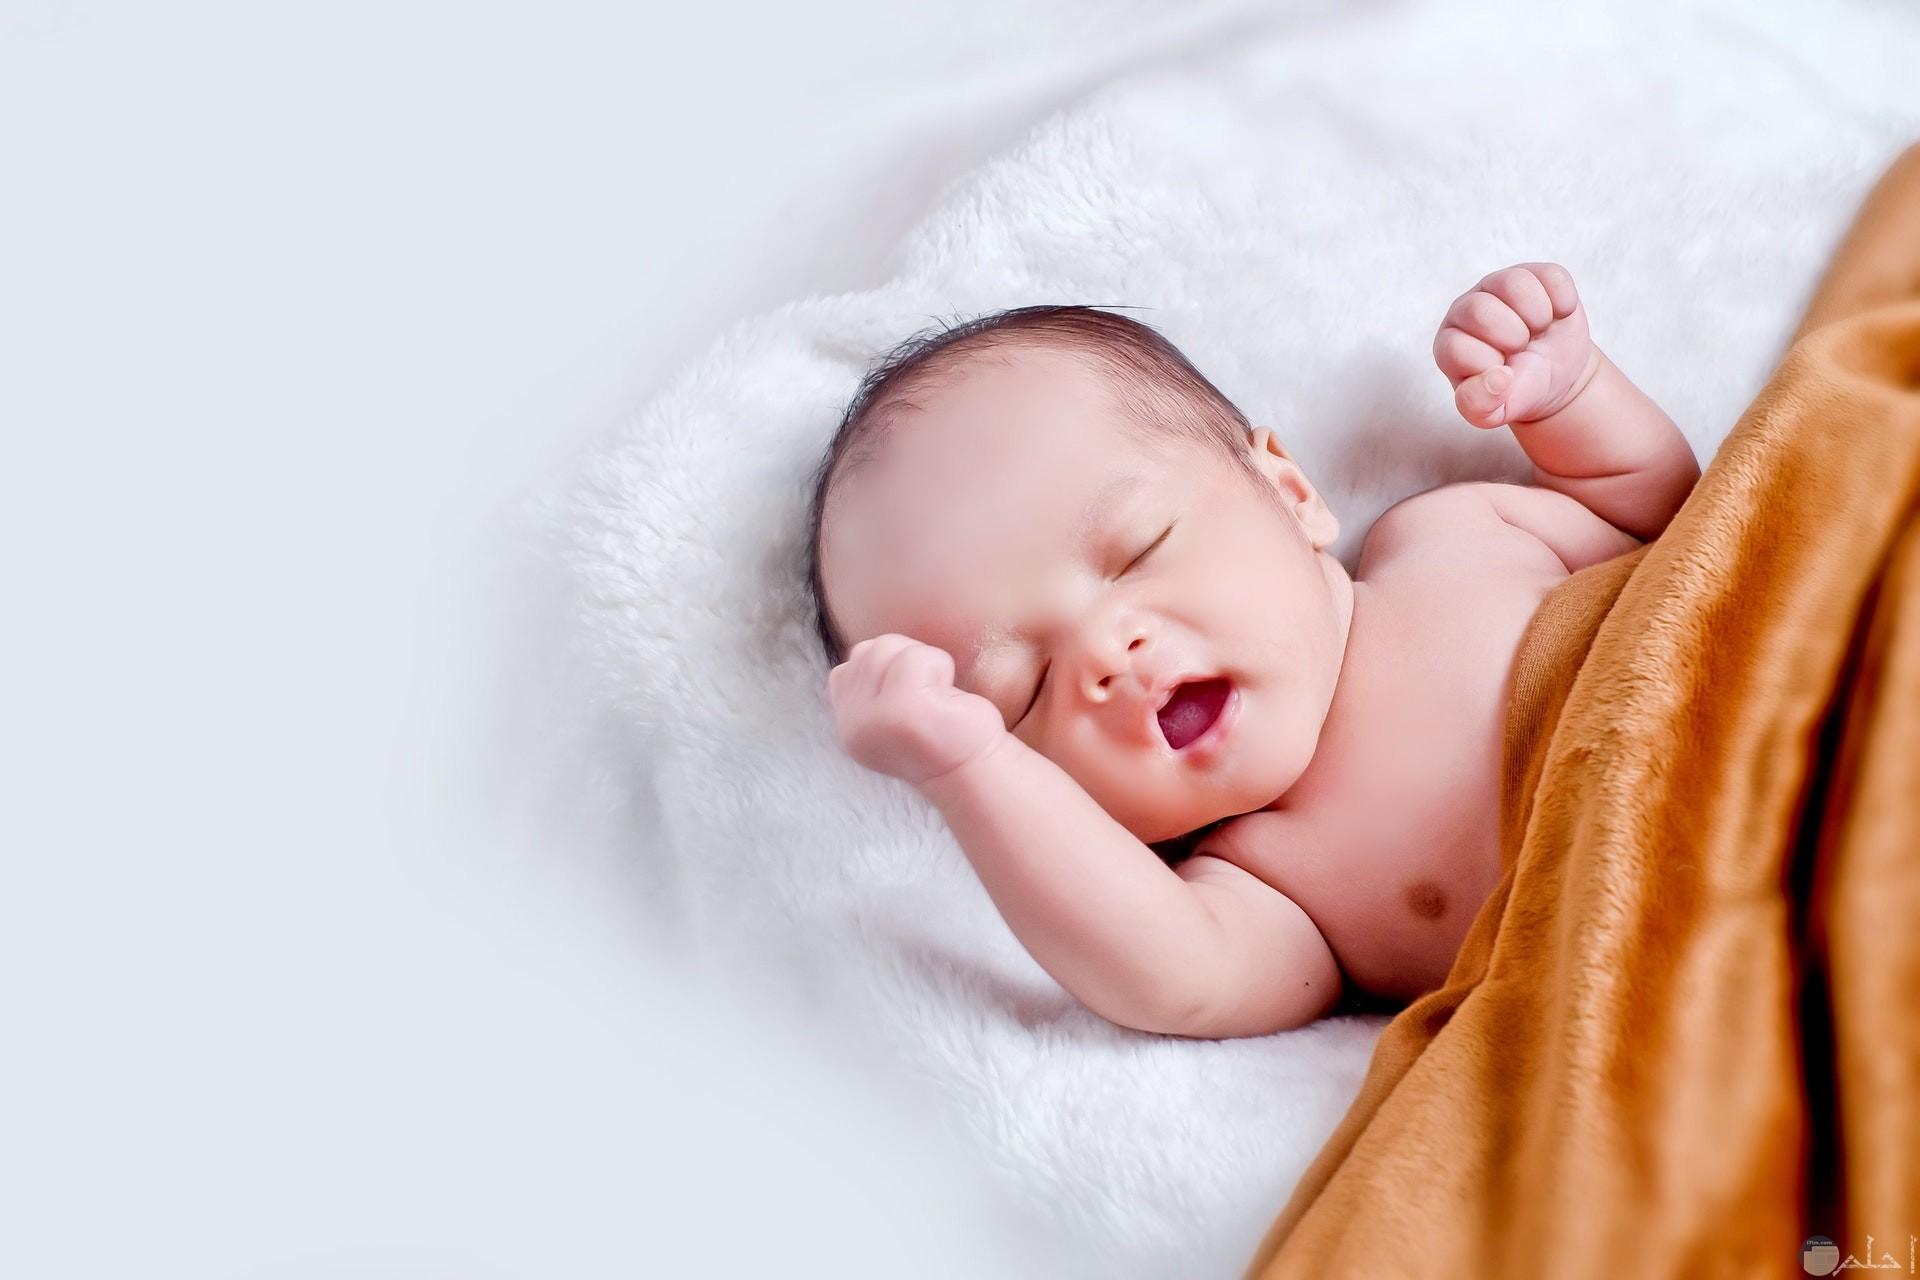 صورة رومانسية لطفل صغير نائم جميلة